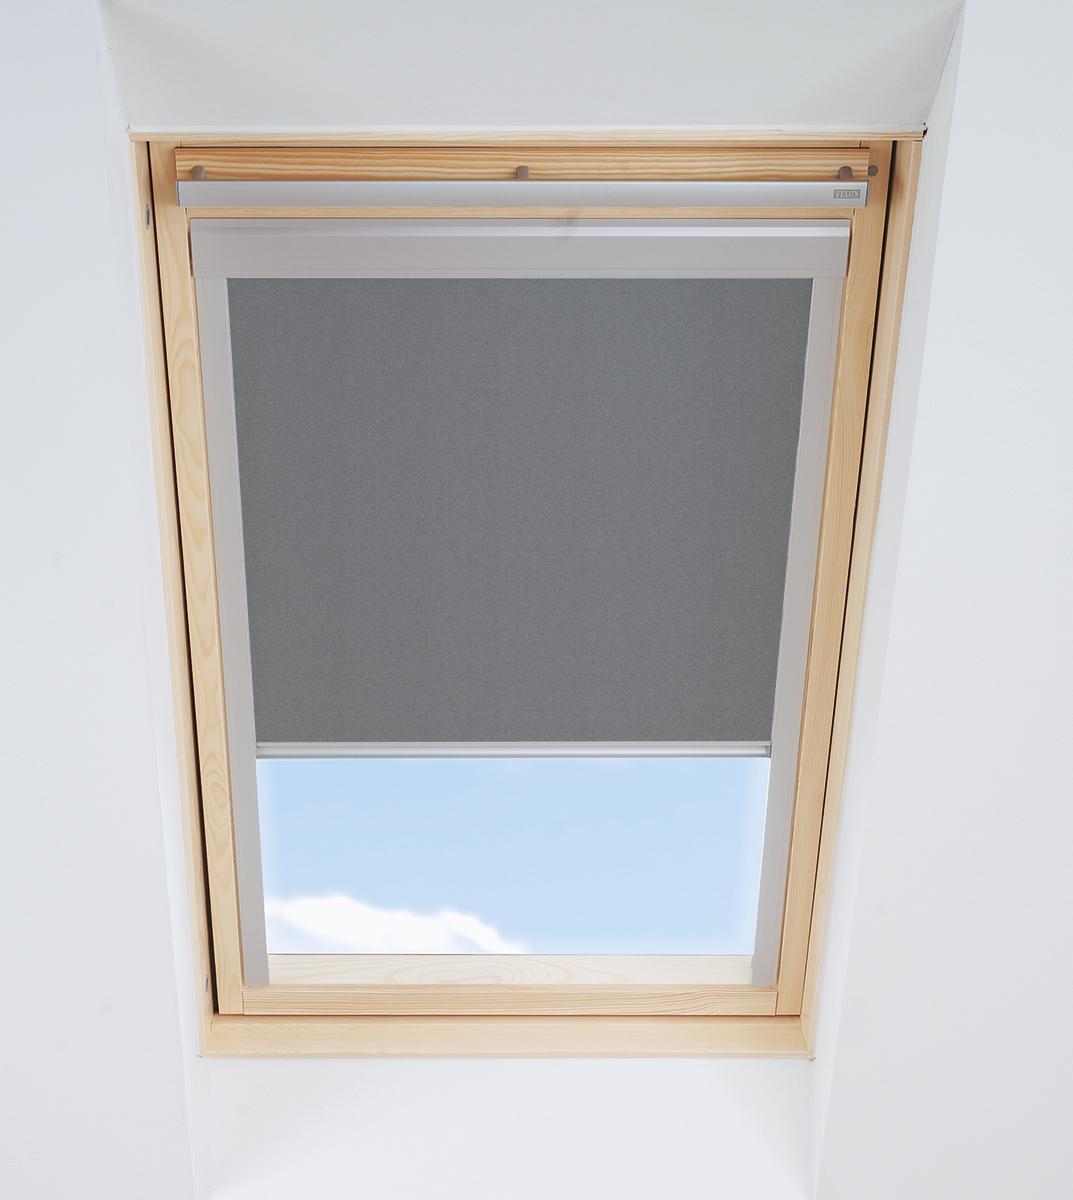 velux teleskop bedienungsstange f r velux dachfenster und rollos zct 200k ebay. Black Bedroom Furniture Sets. Home Design Ideas